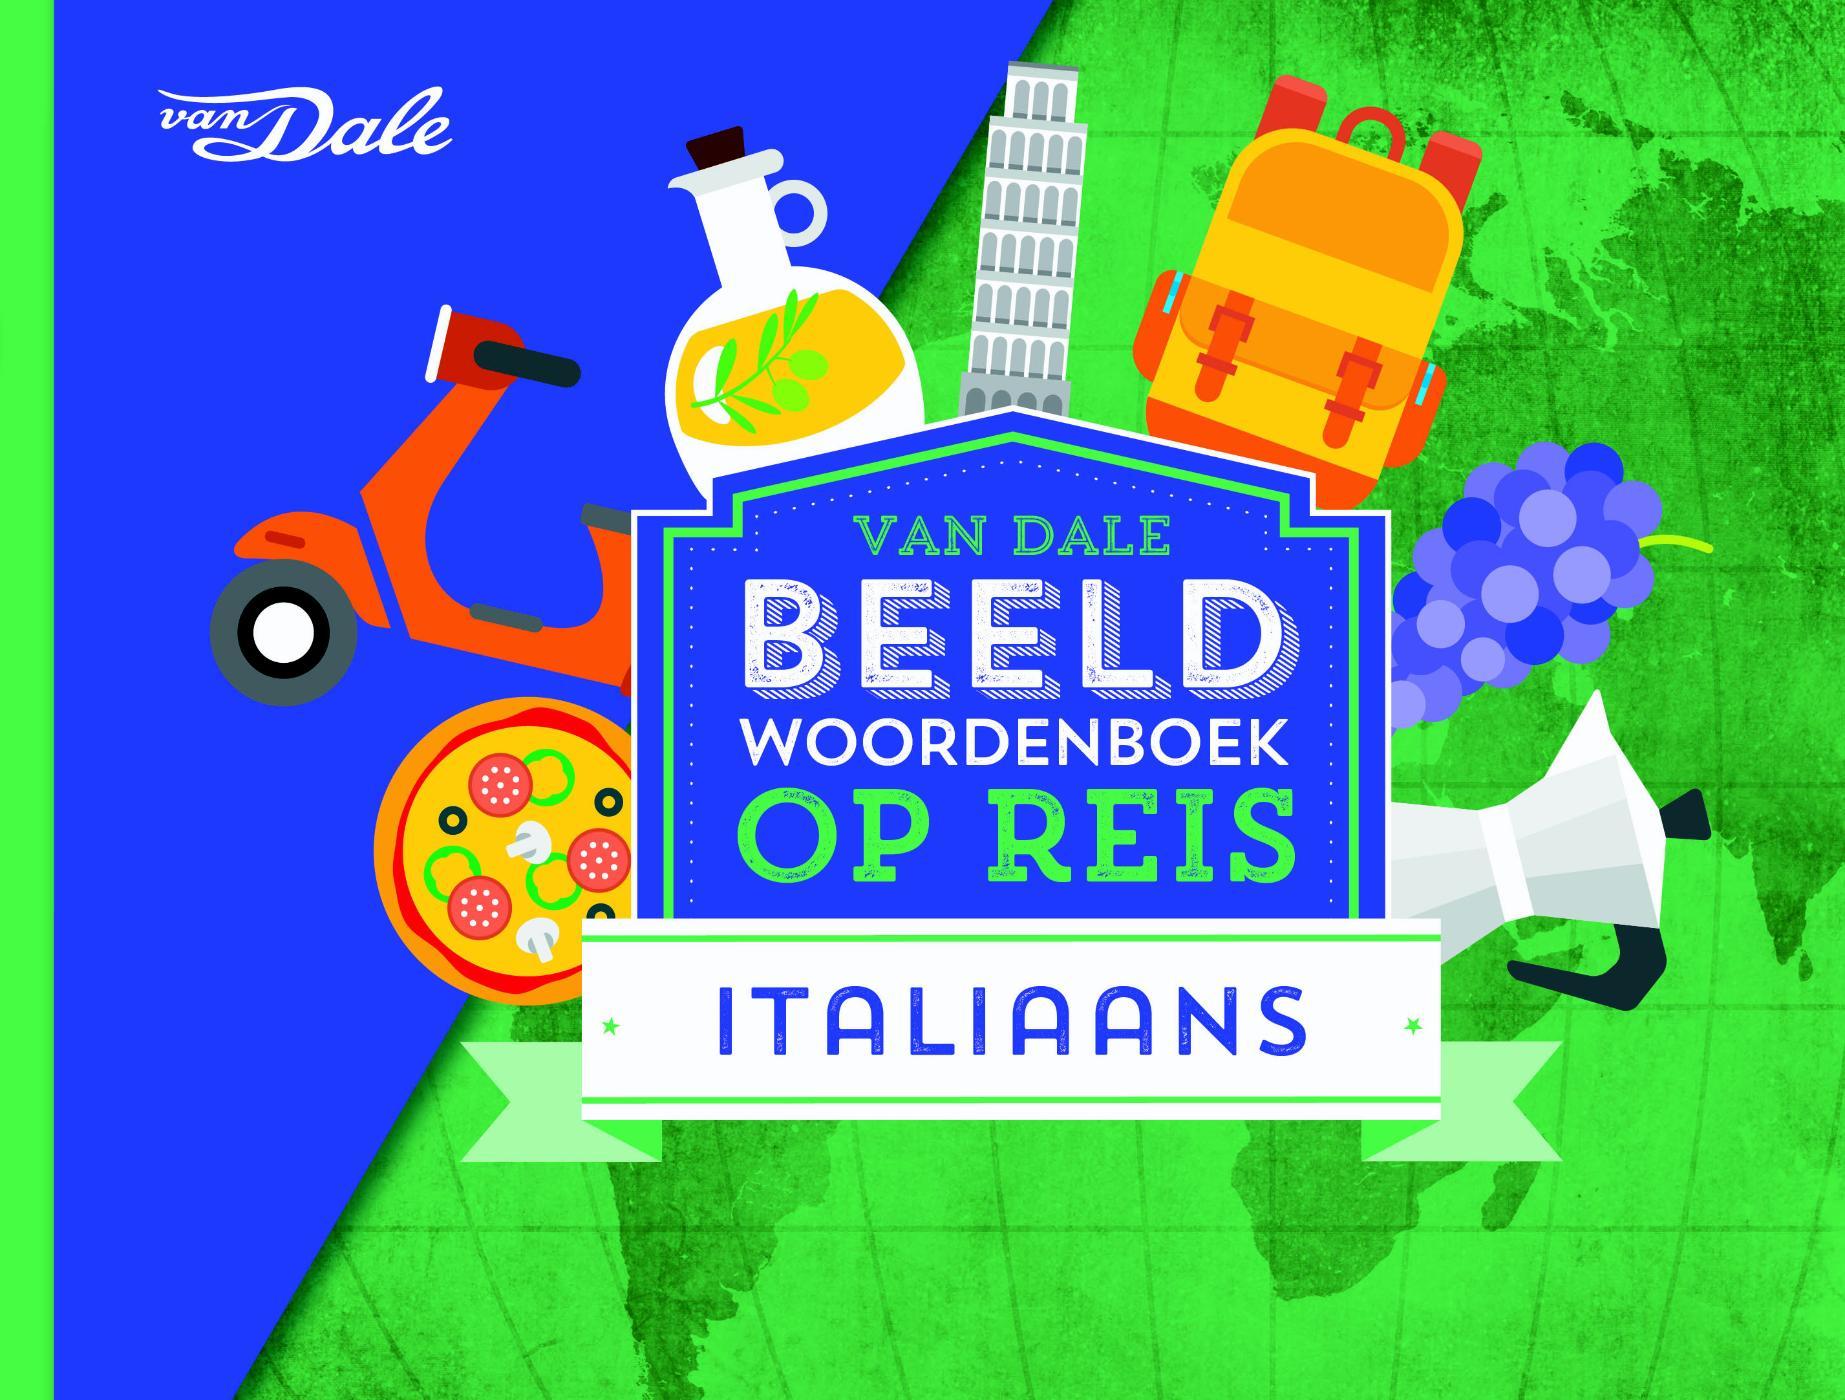 Van Dale Beeldwoordenboek op reis - Italiaans